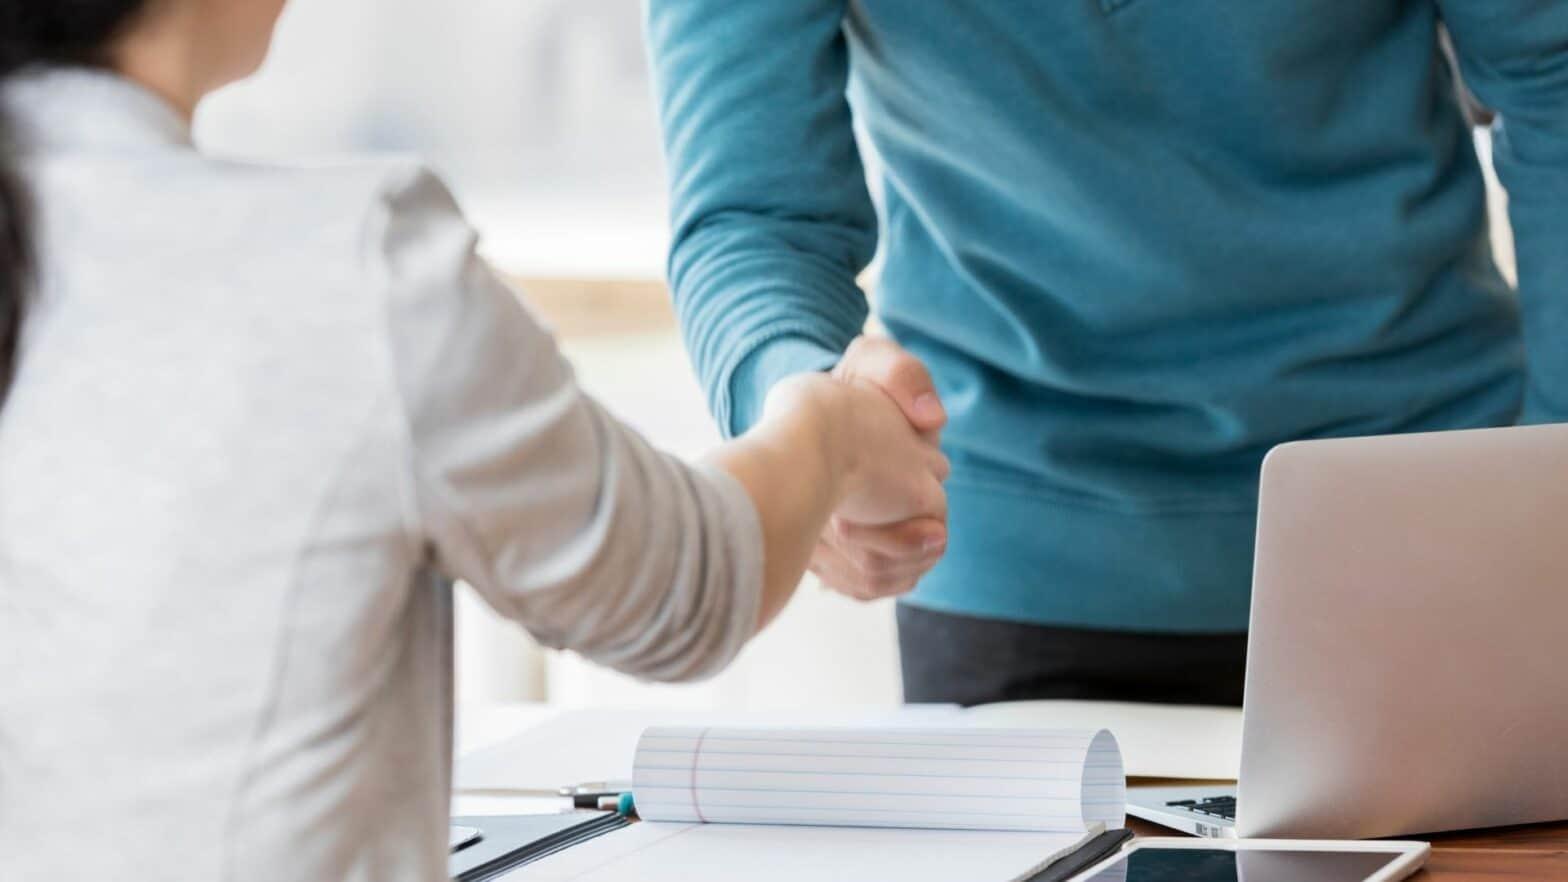 UBS Erfahrungsbericht Deutschland, Wie lief der Bewerbungsprozess ab